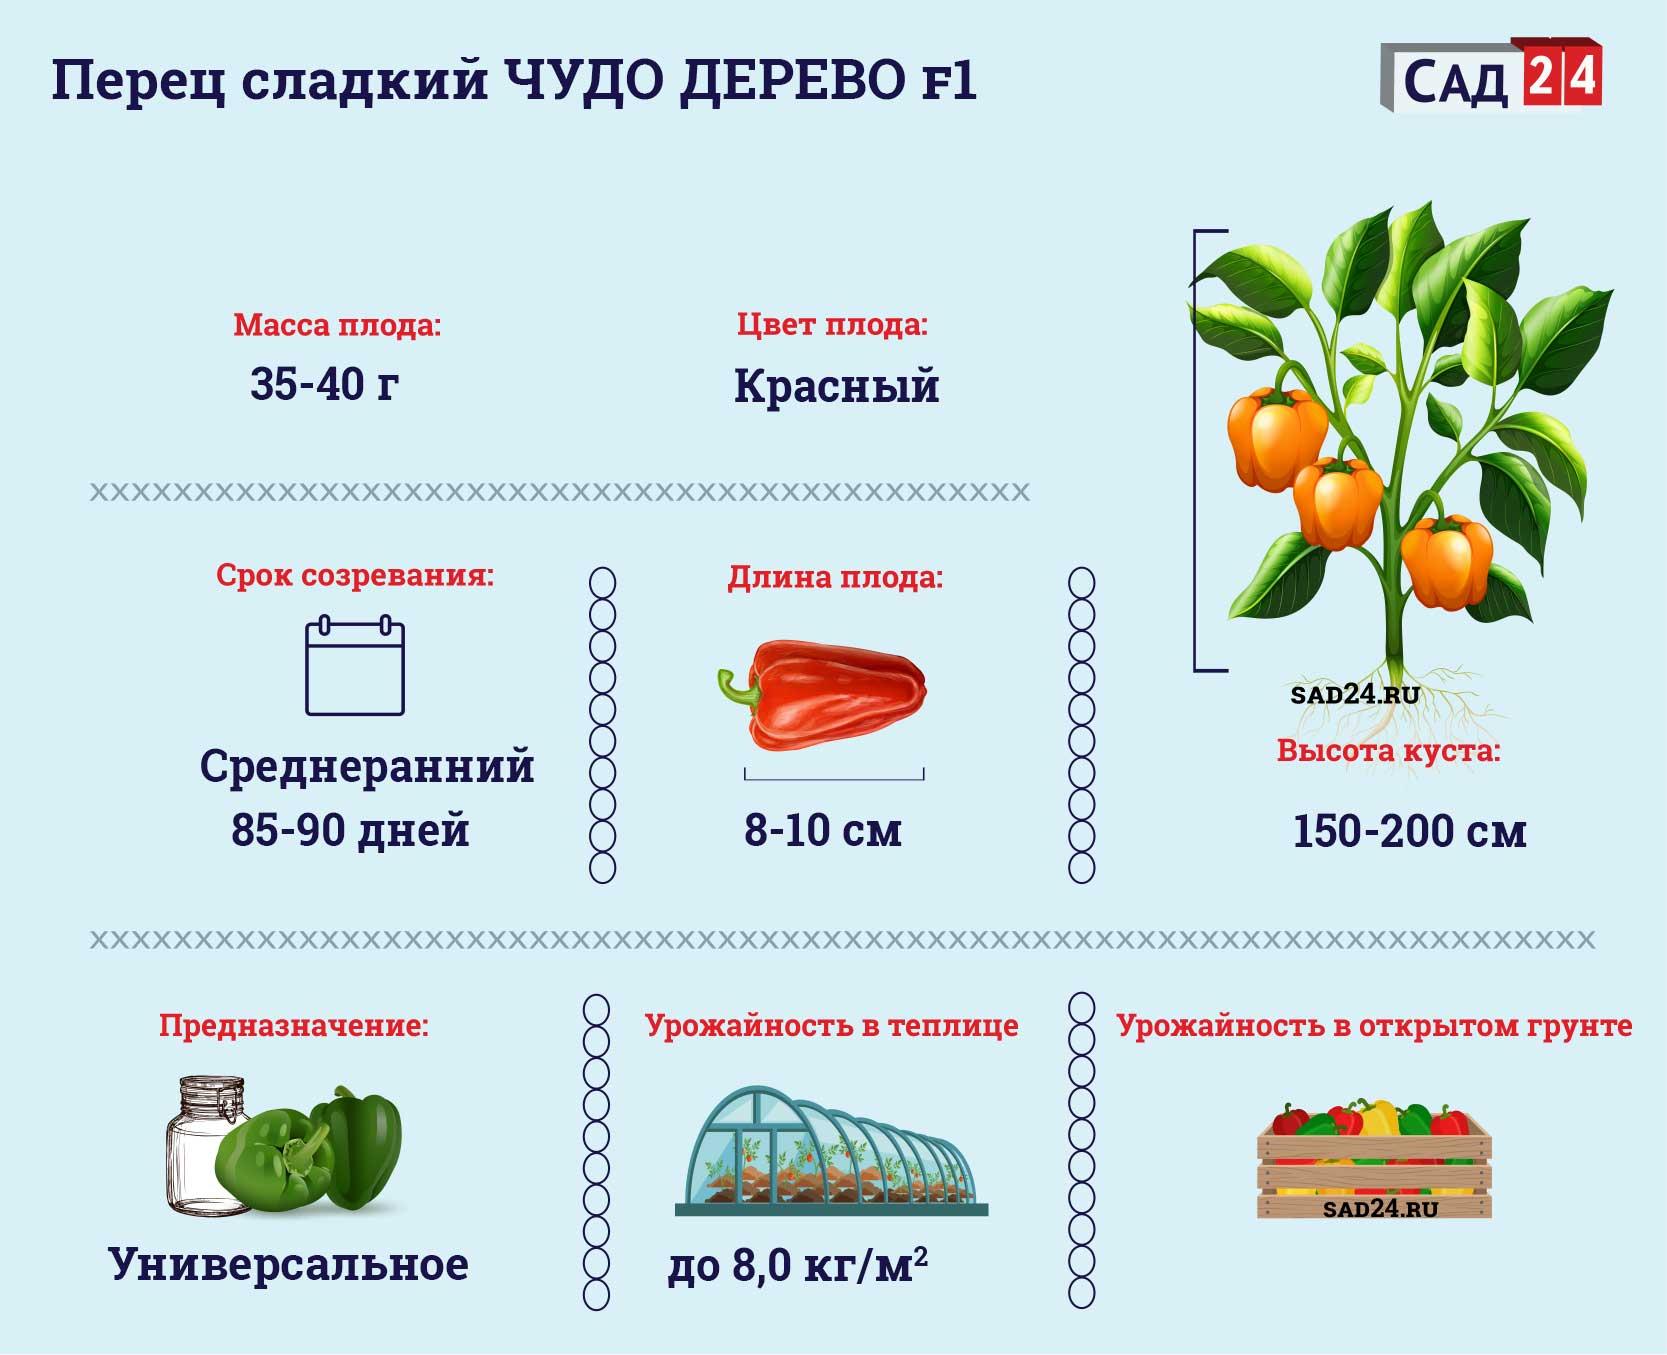 Перец Чудо дерево https://sad24.ru/